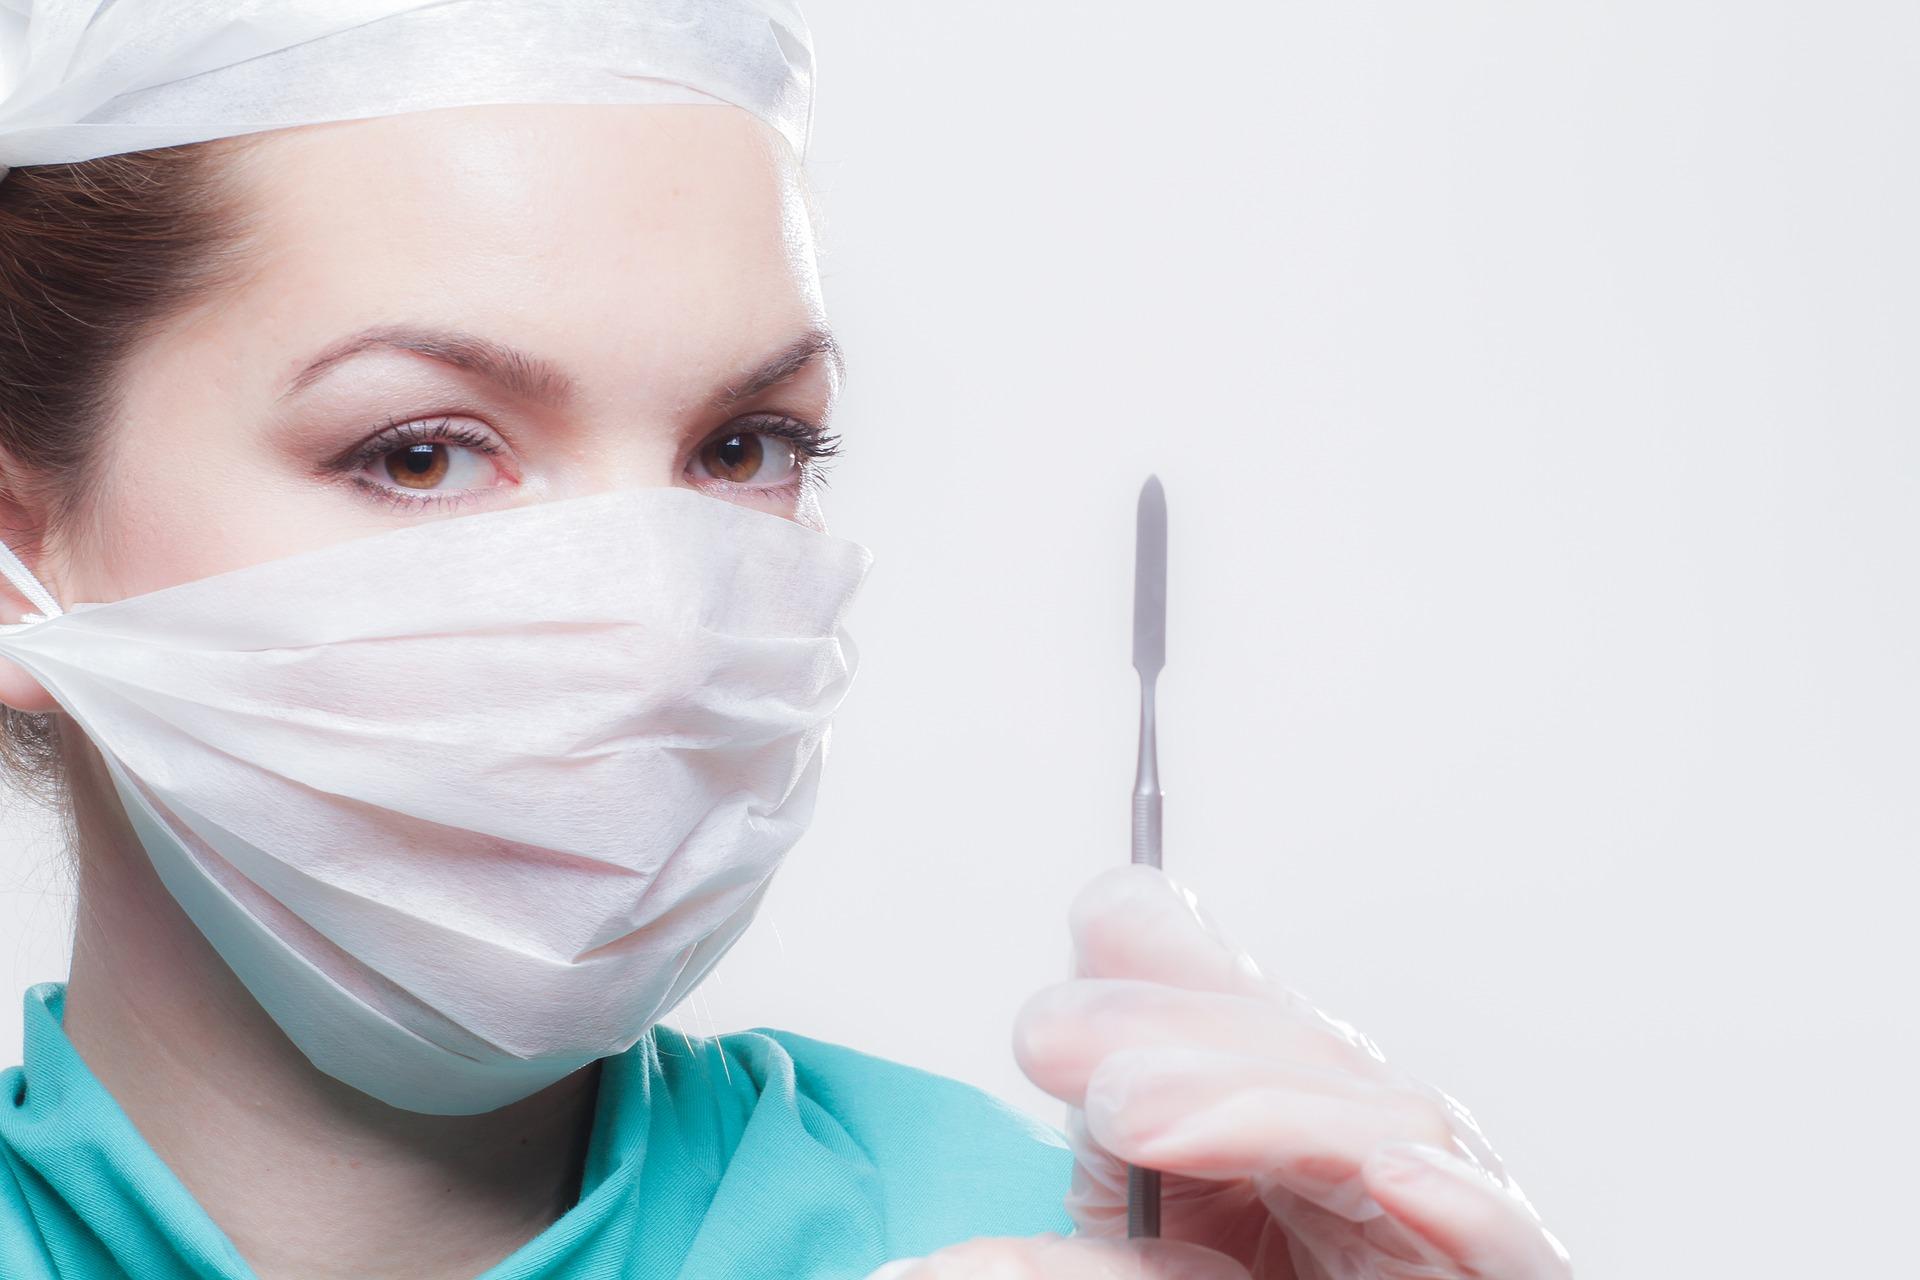 Medycyna estetyczna w walce o piękny biust